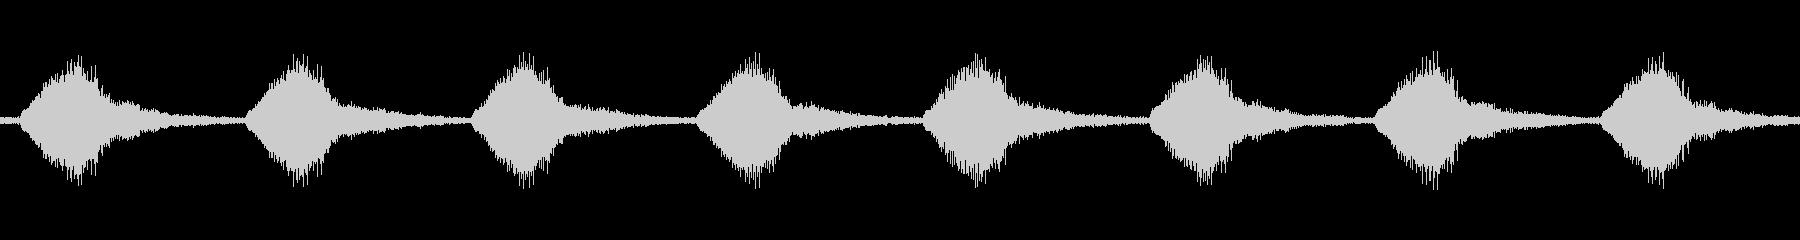 研究所内のサイレン音(ループ仕様)_01の未再生の波形